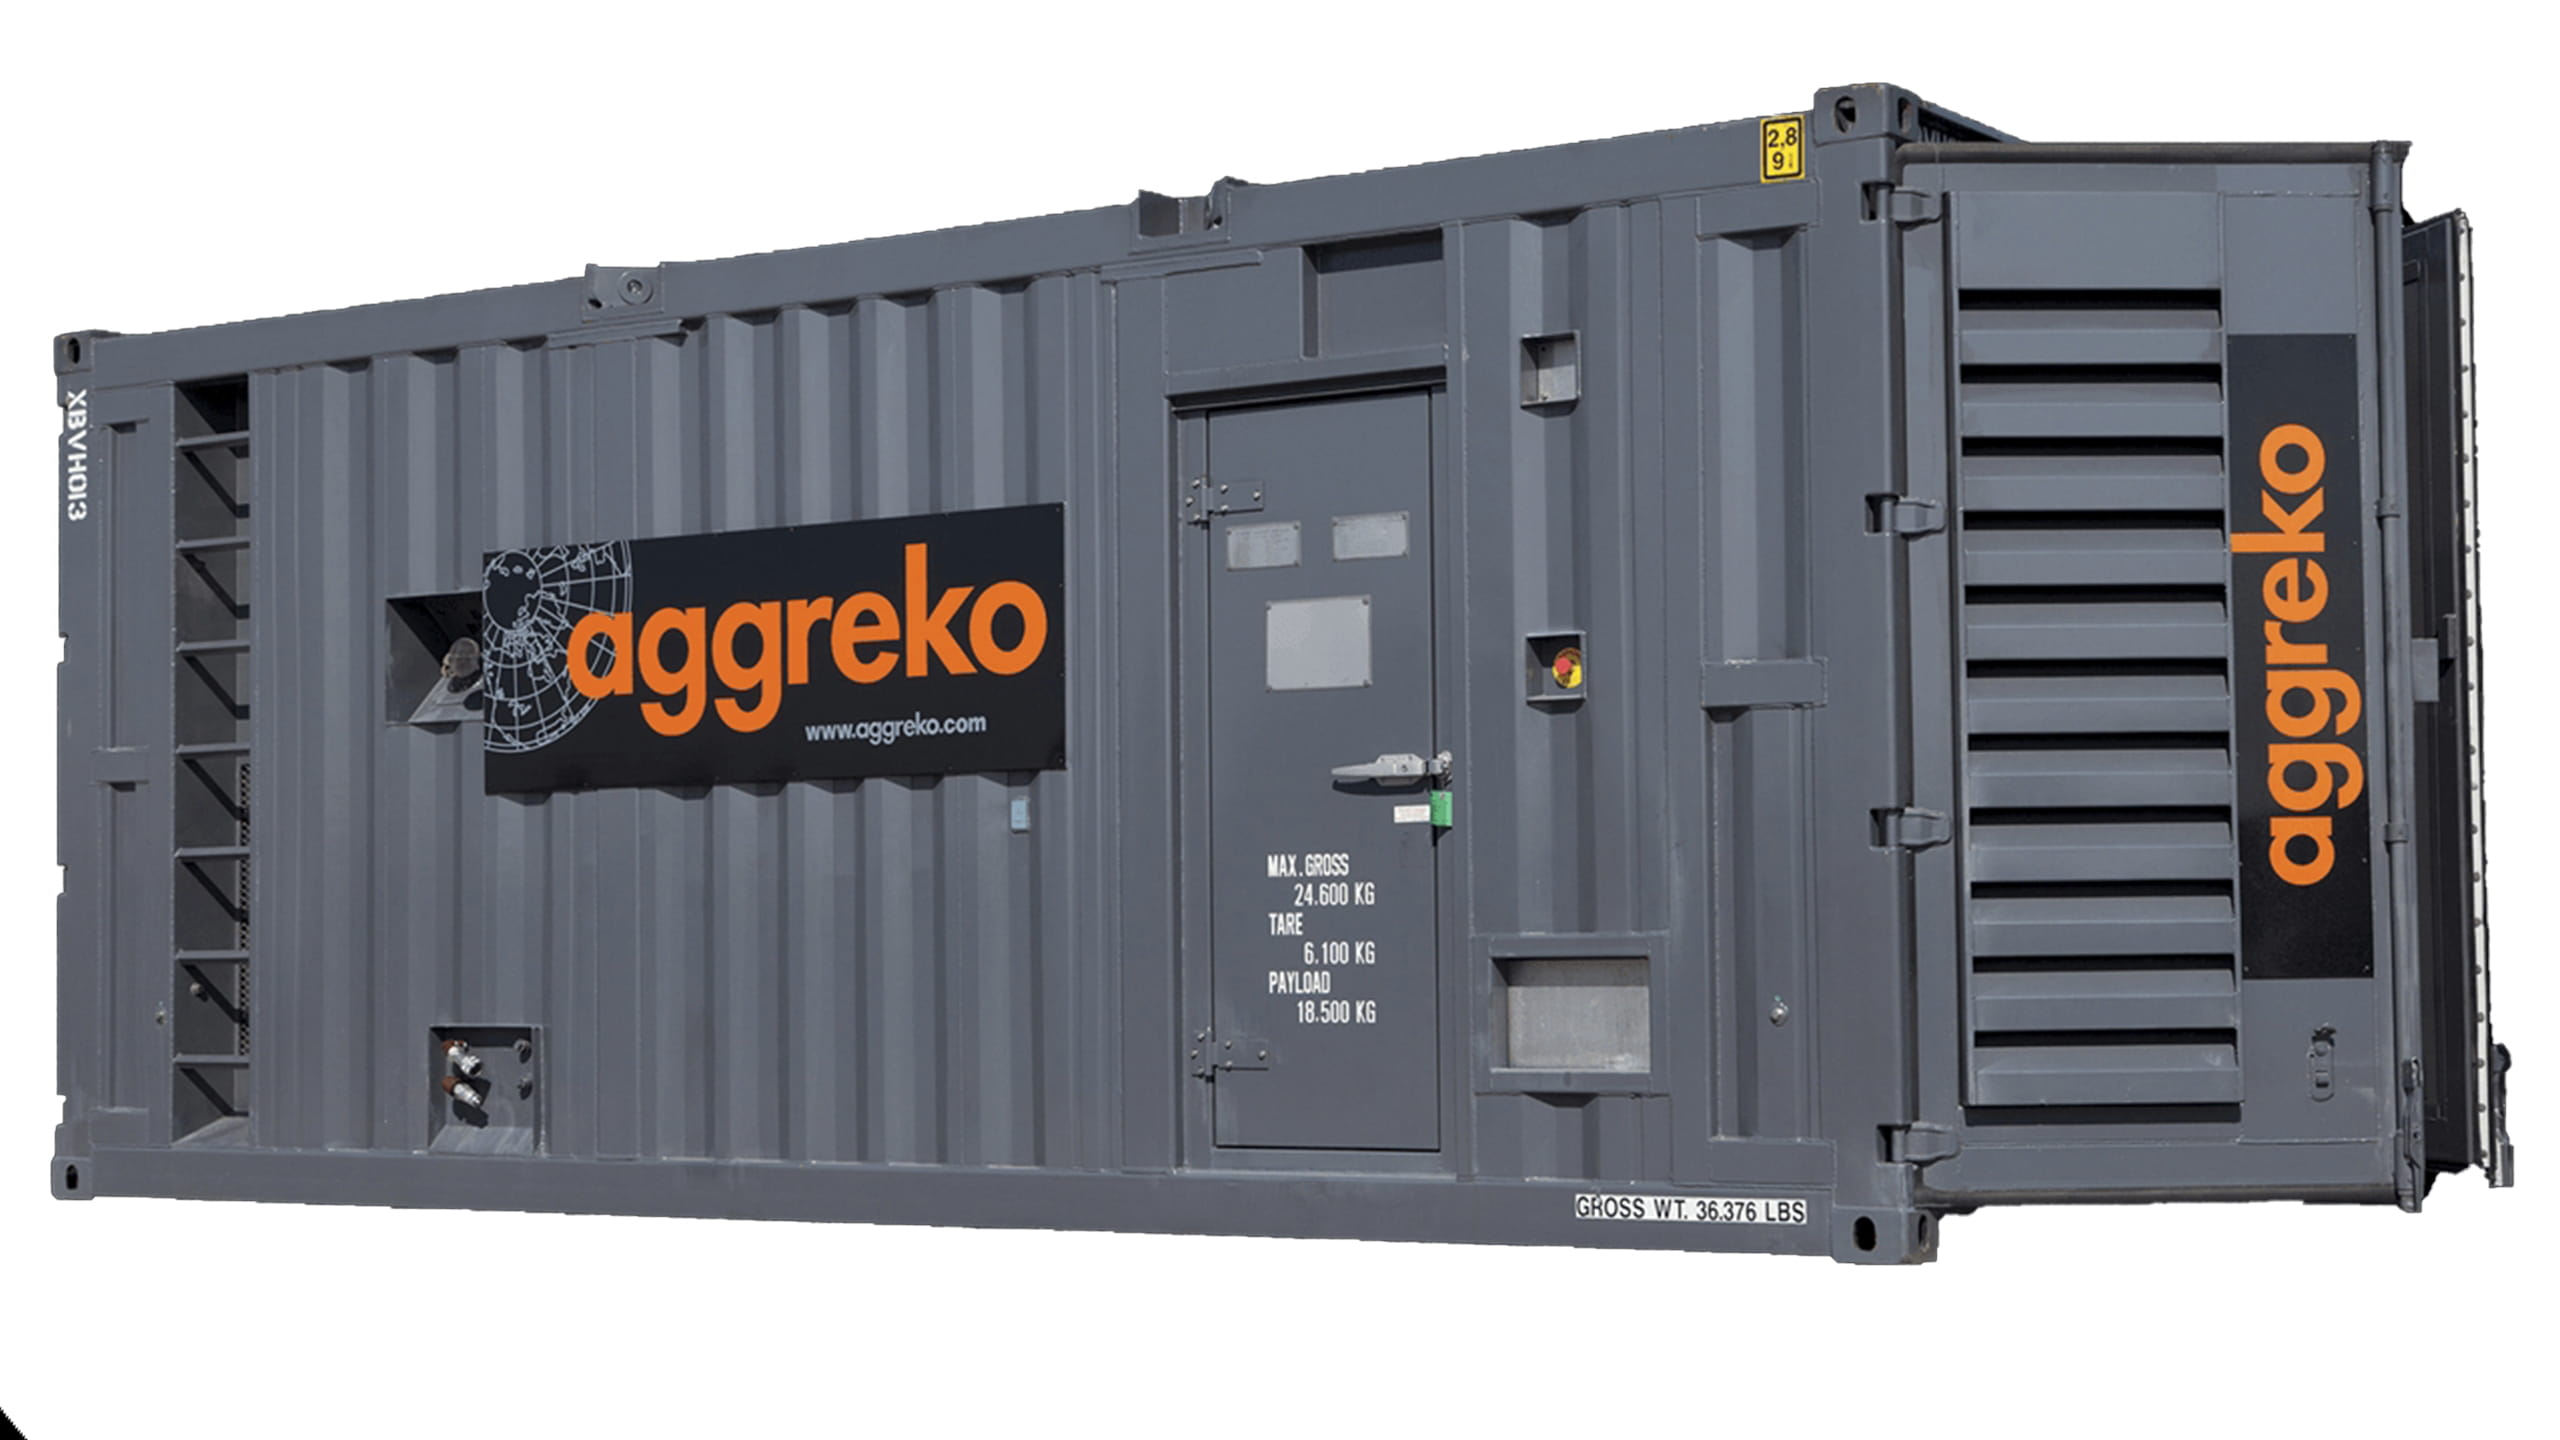 Generator Hire Power Equipment Aggreko